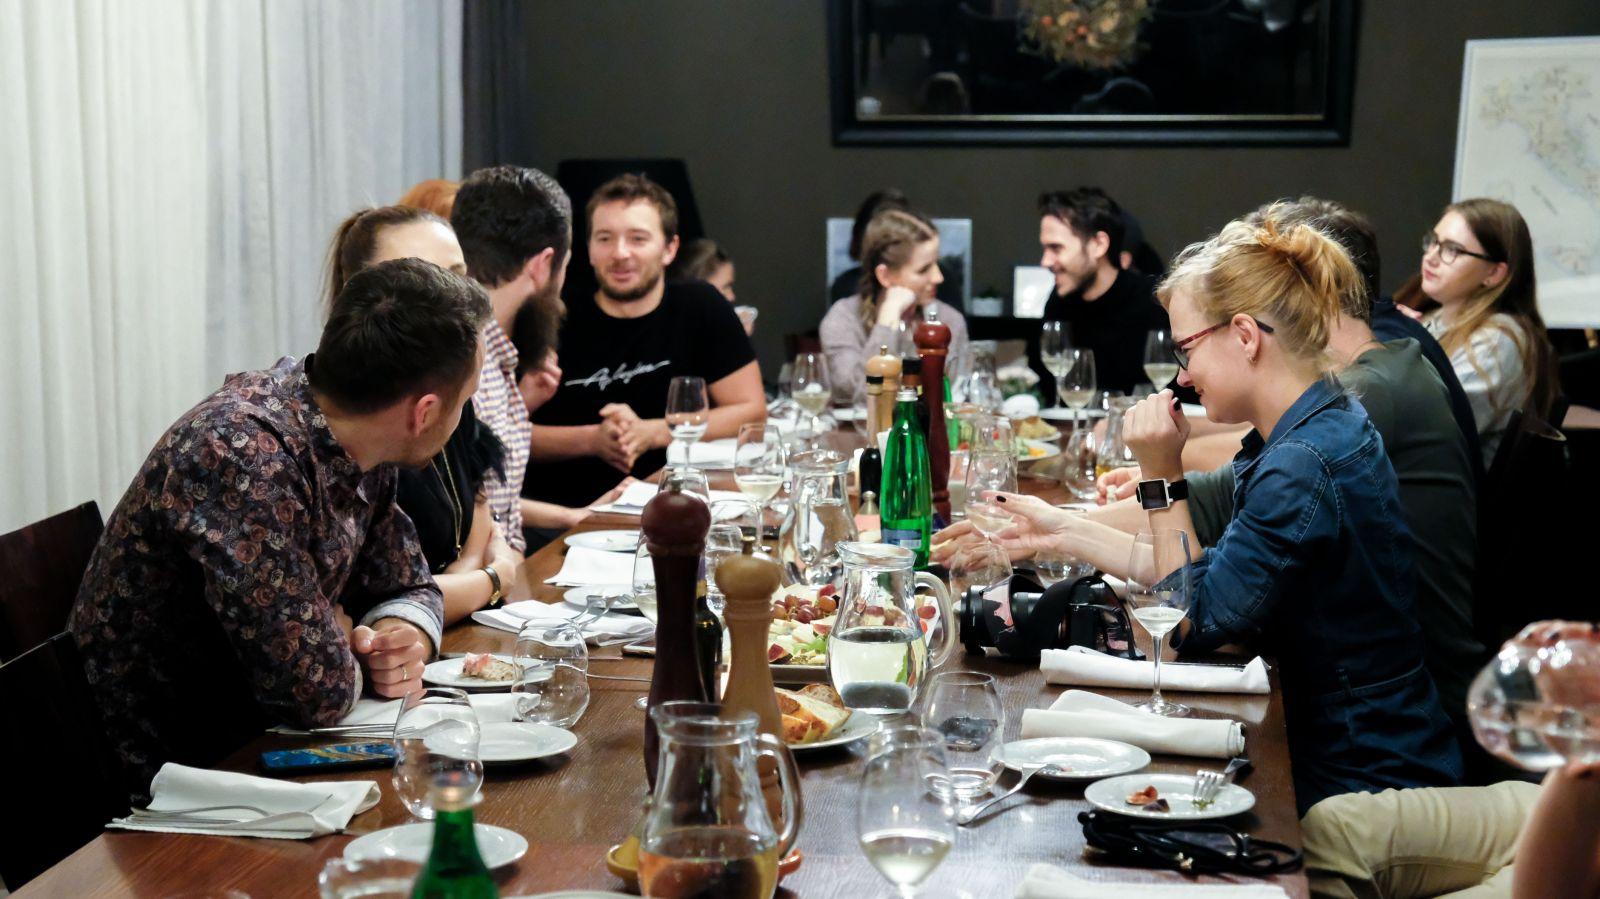 Nejlepší večeře je ta, kterou si vychutnáváš s přáteli. Navíc díky tomu můžeš udělat dobrý skutek